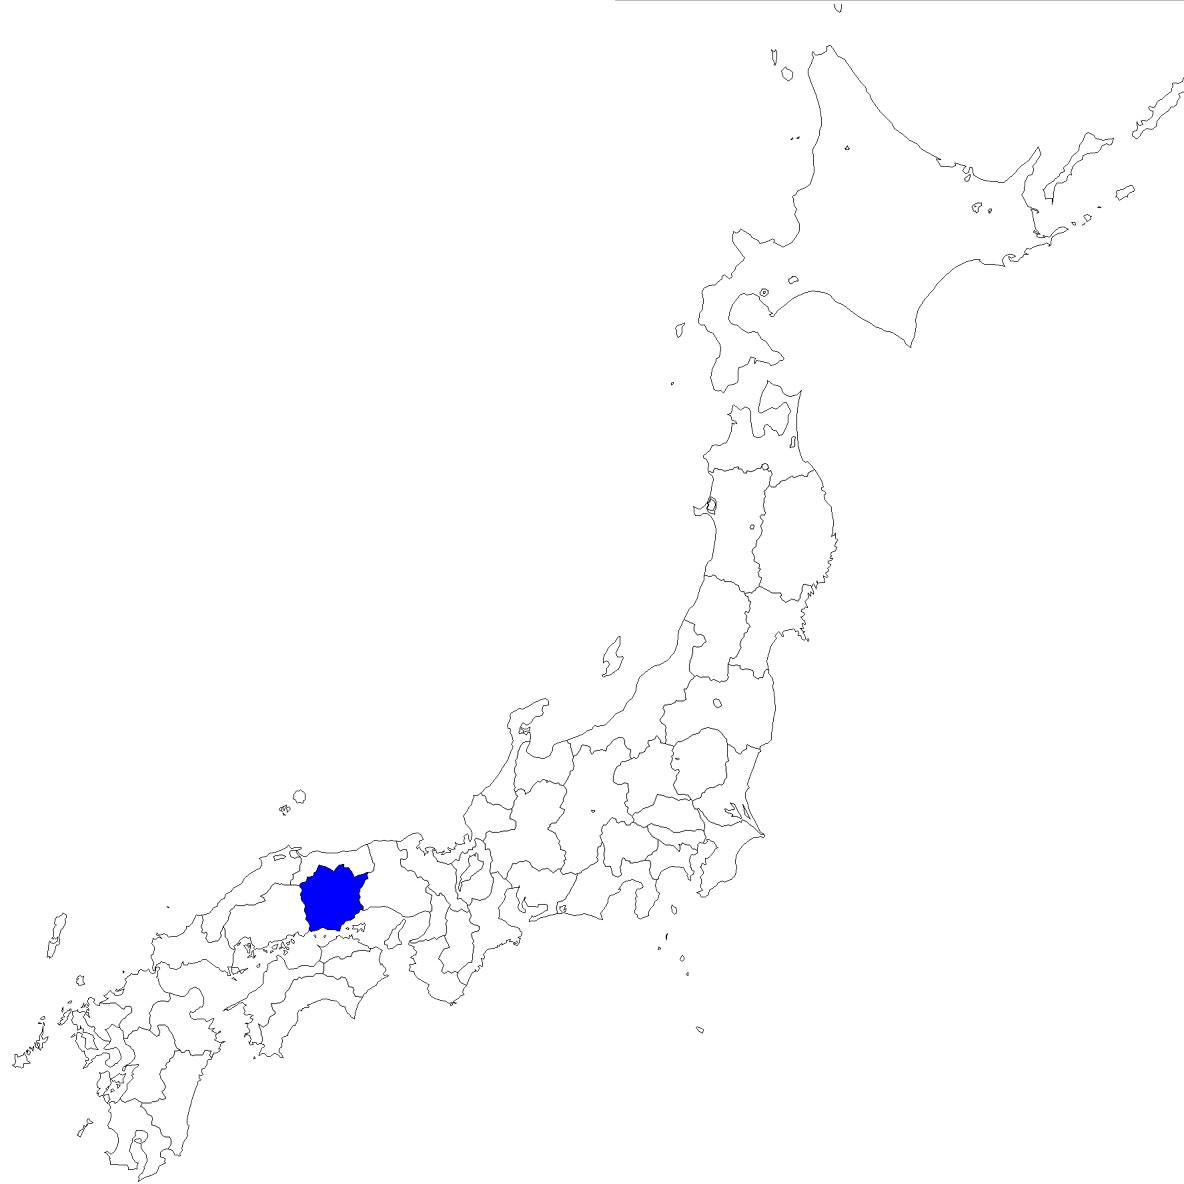 地図イラスト見本(縮小表示)